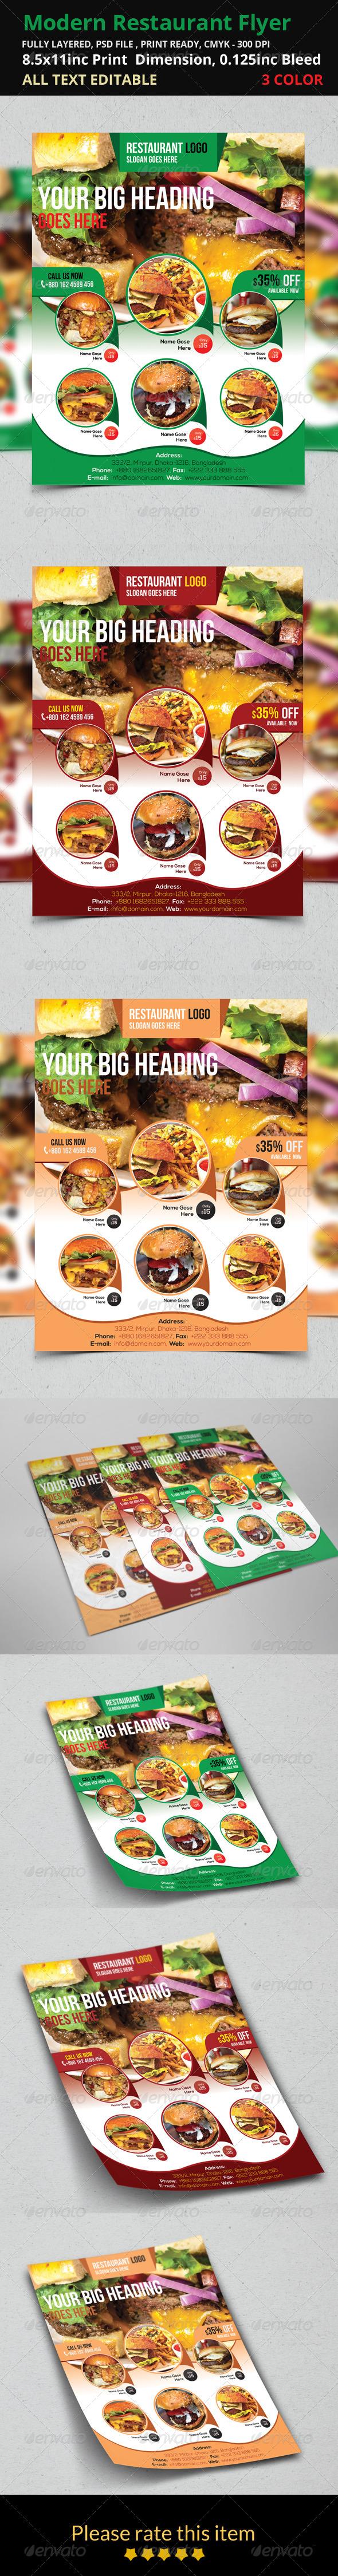 GraphicRiver Modern Restaurant Flyer 8492937